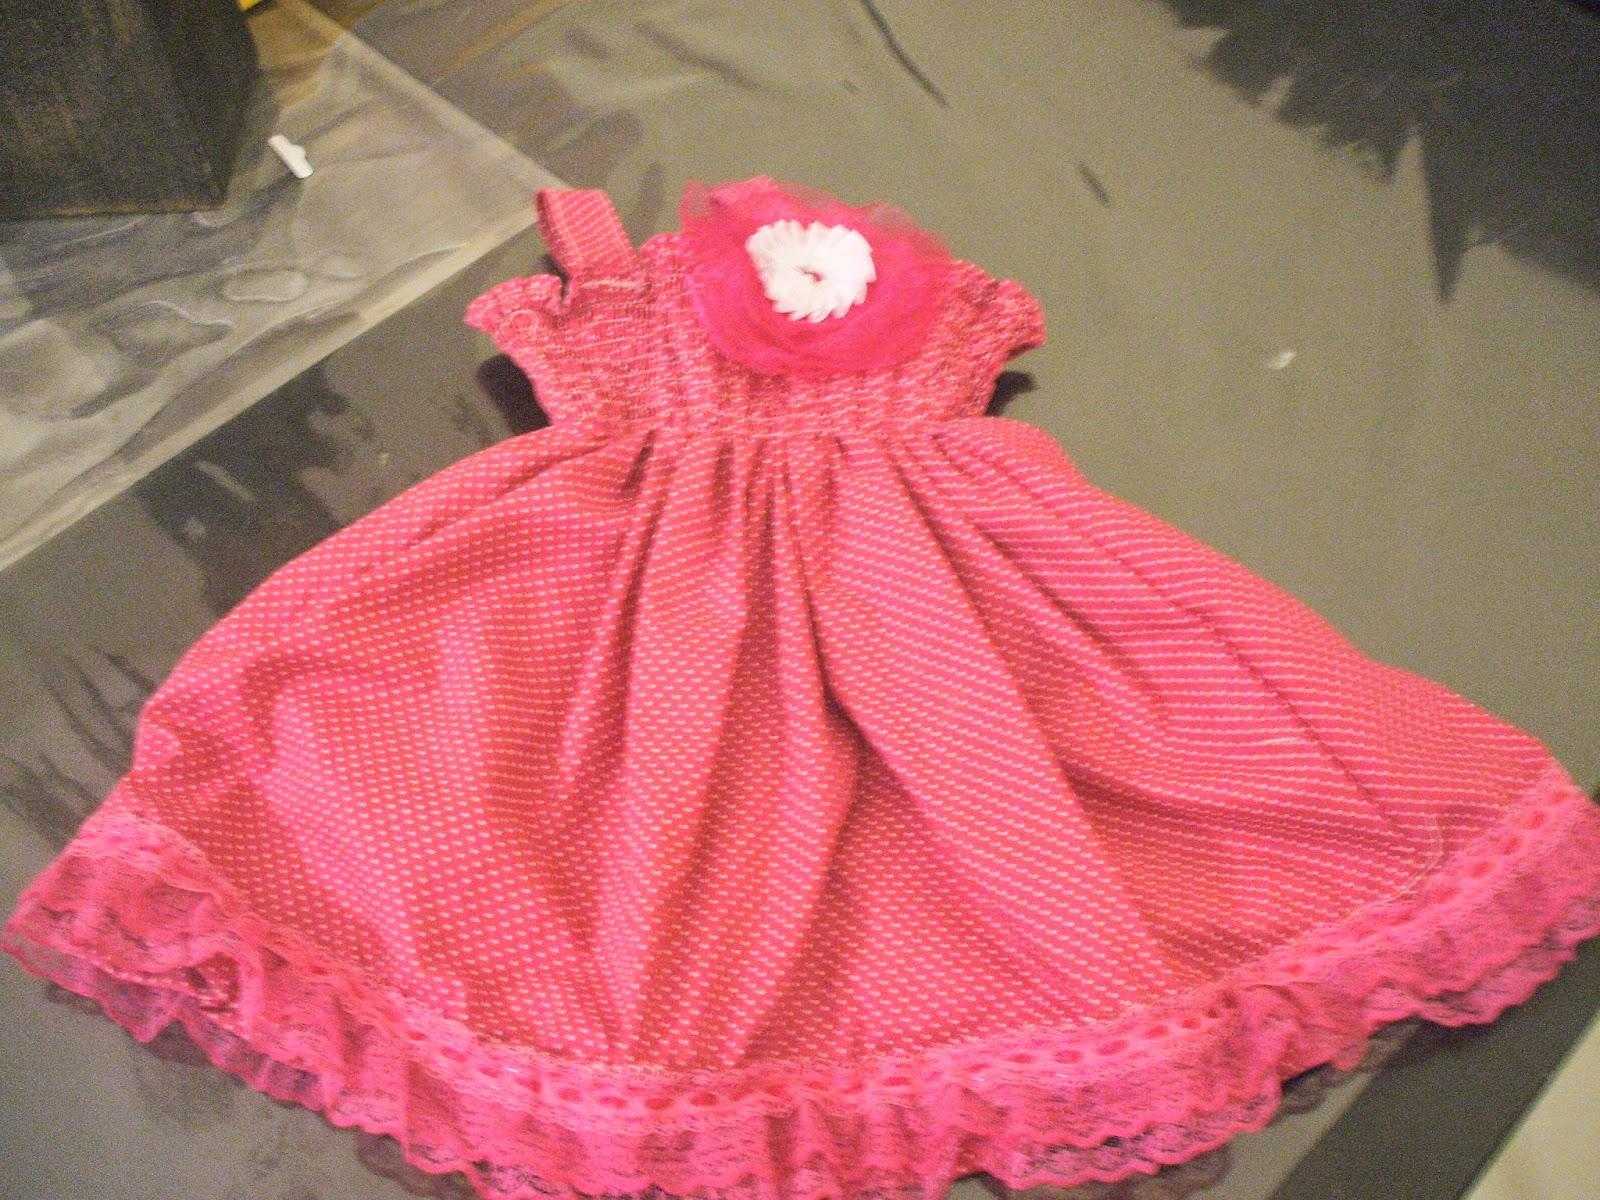 DSCF3231 - שמלה בשעה